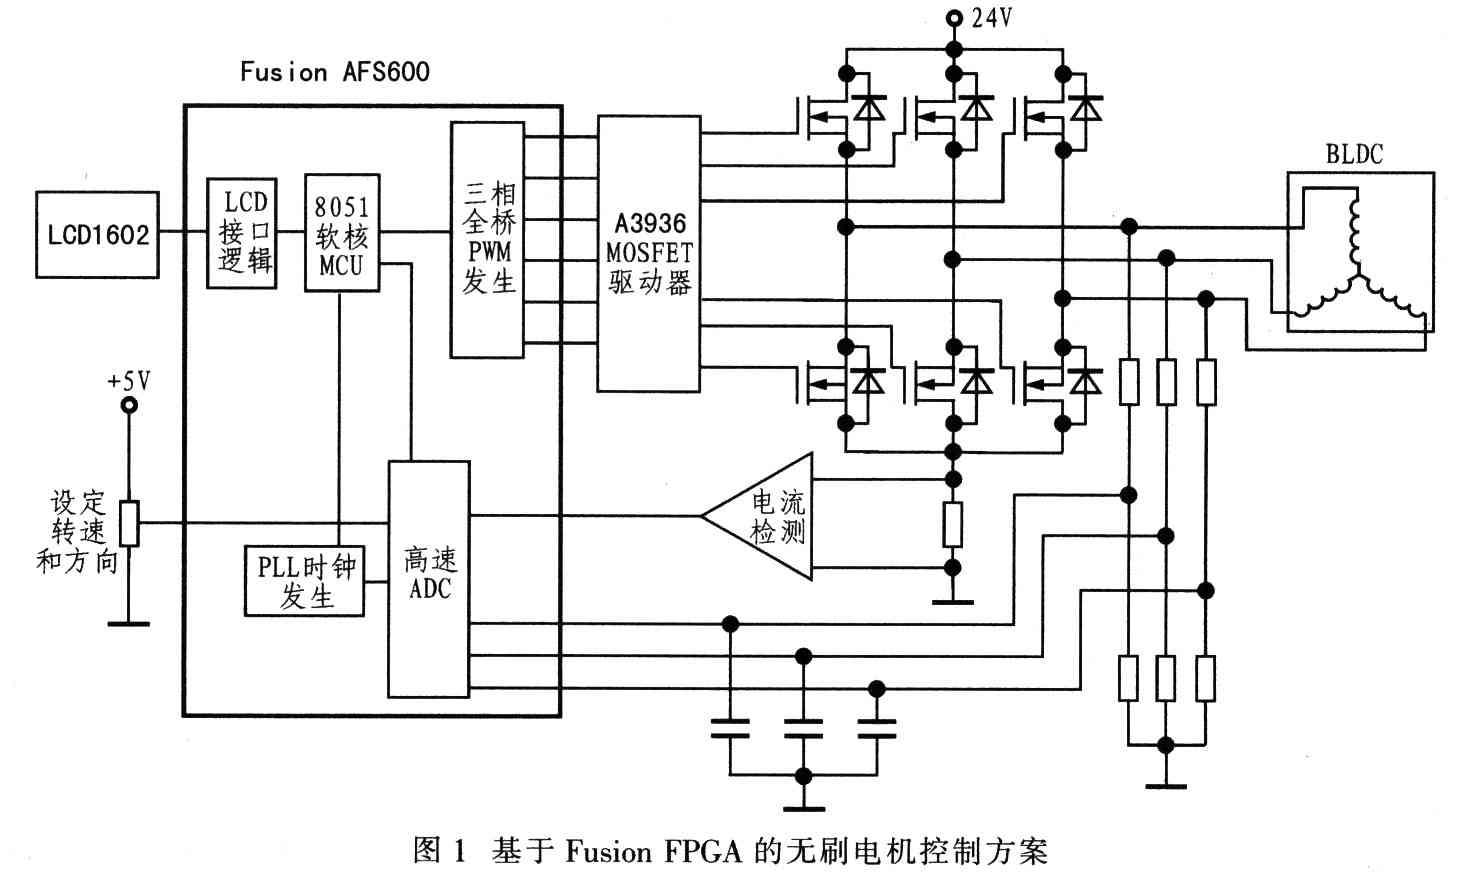 无刷电机驱动器采用a3935三相全桥器件配合6个大功率nmos管irf2807s